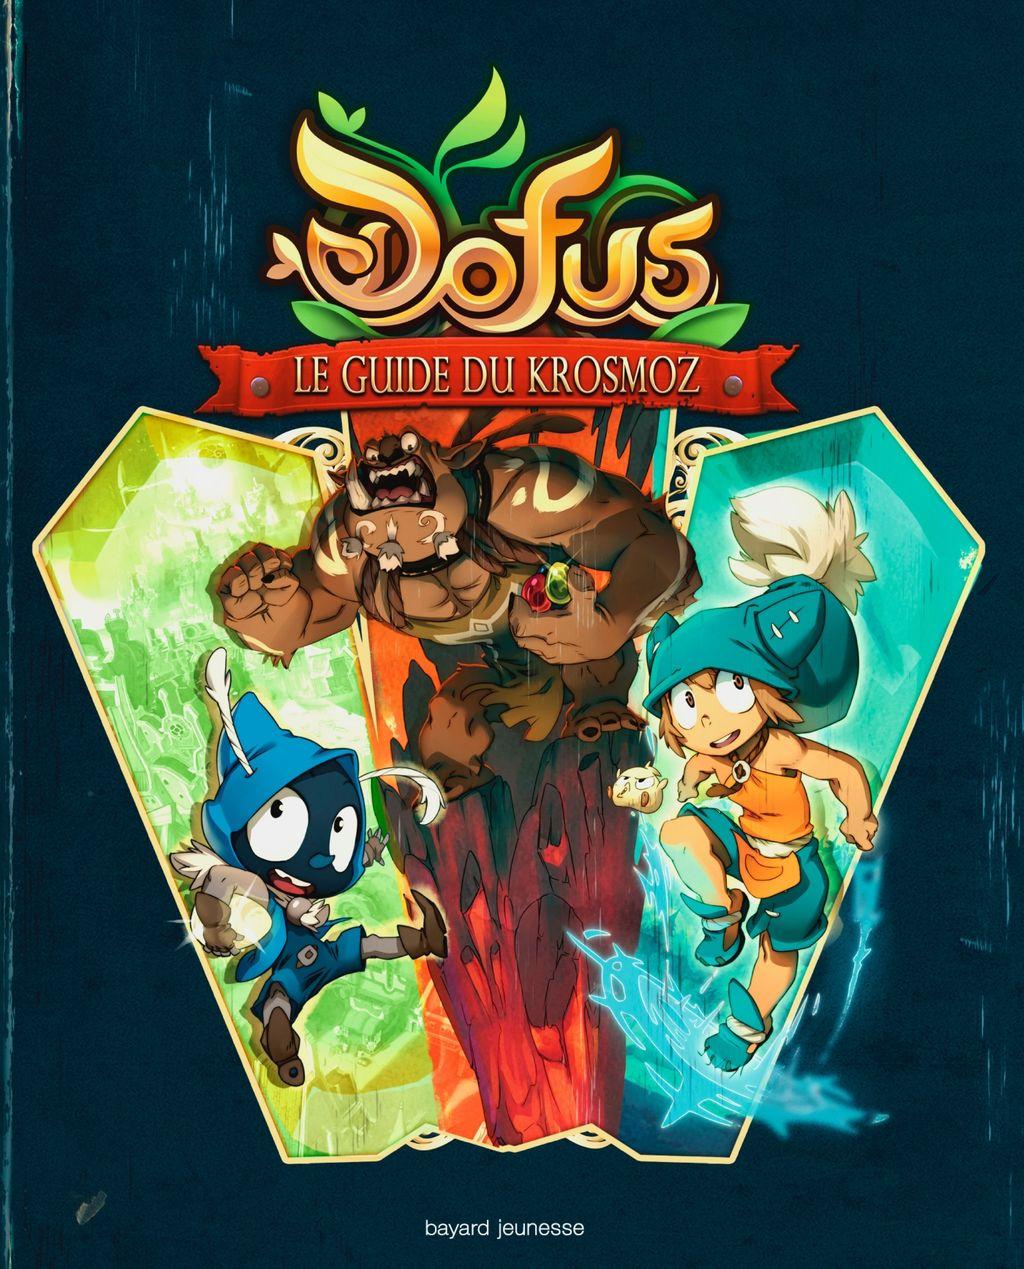 «Dofus – Le Guide du Krosmoz» cover